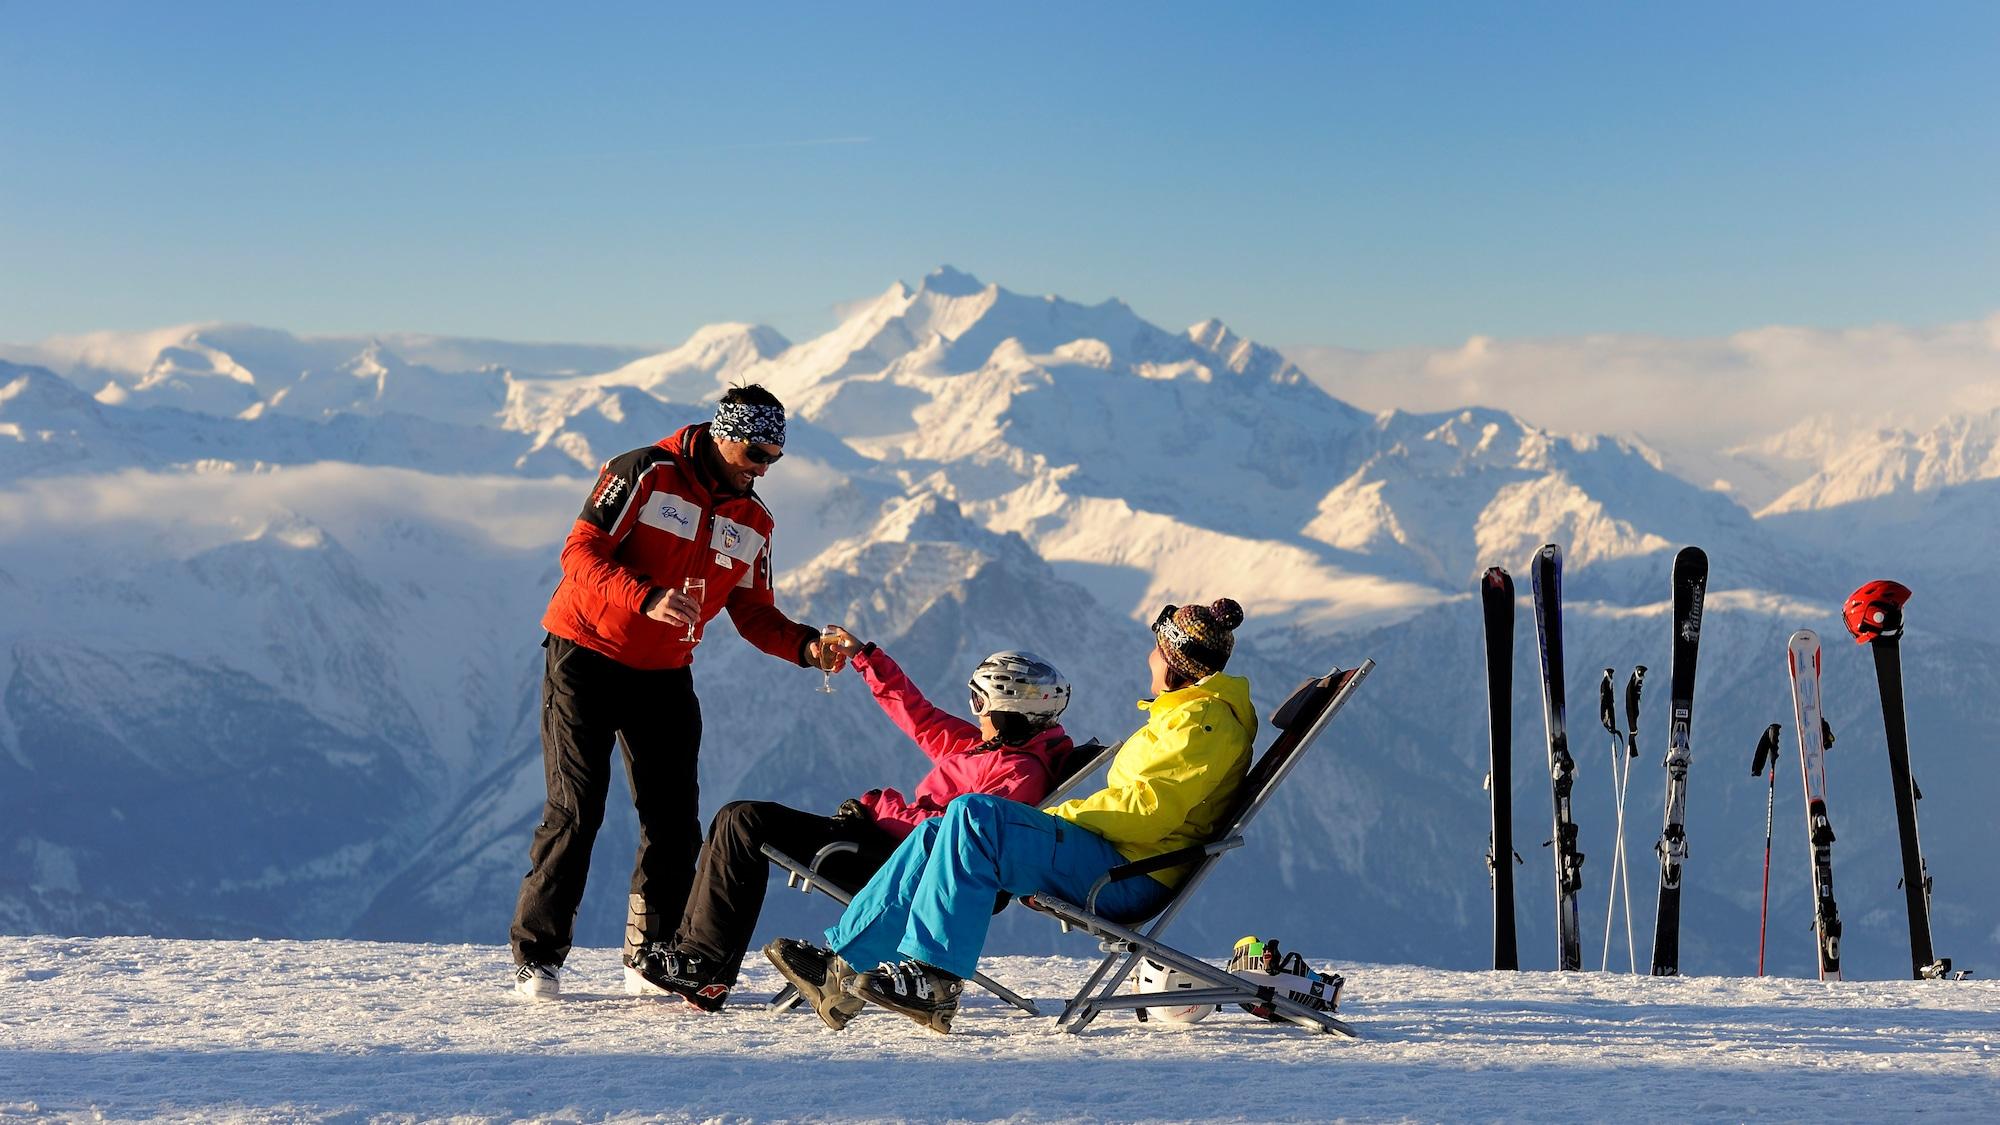 Bis zu 2000 Franken Differenz für Familien je nach Gebiet: So teuer sind Skiferien in der Schweiz